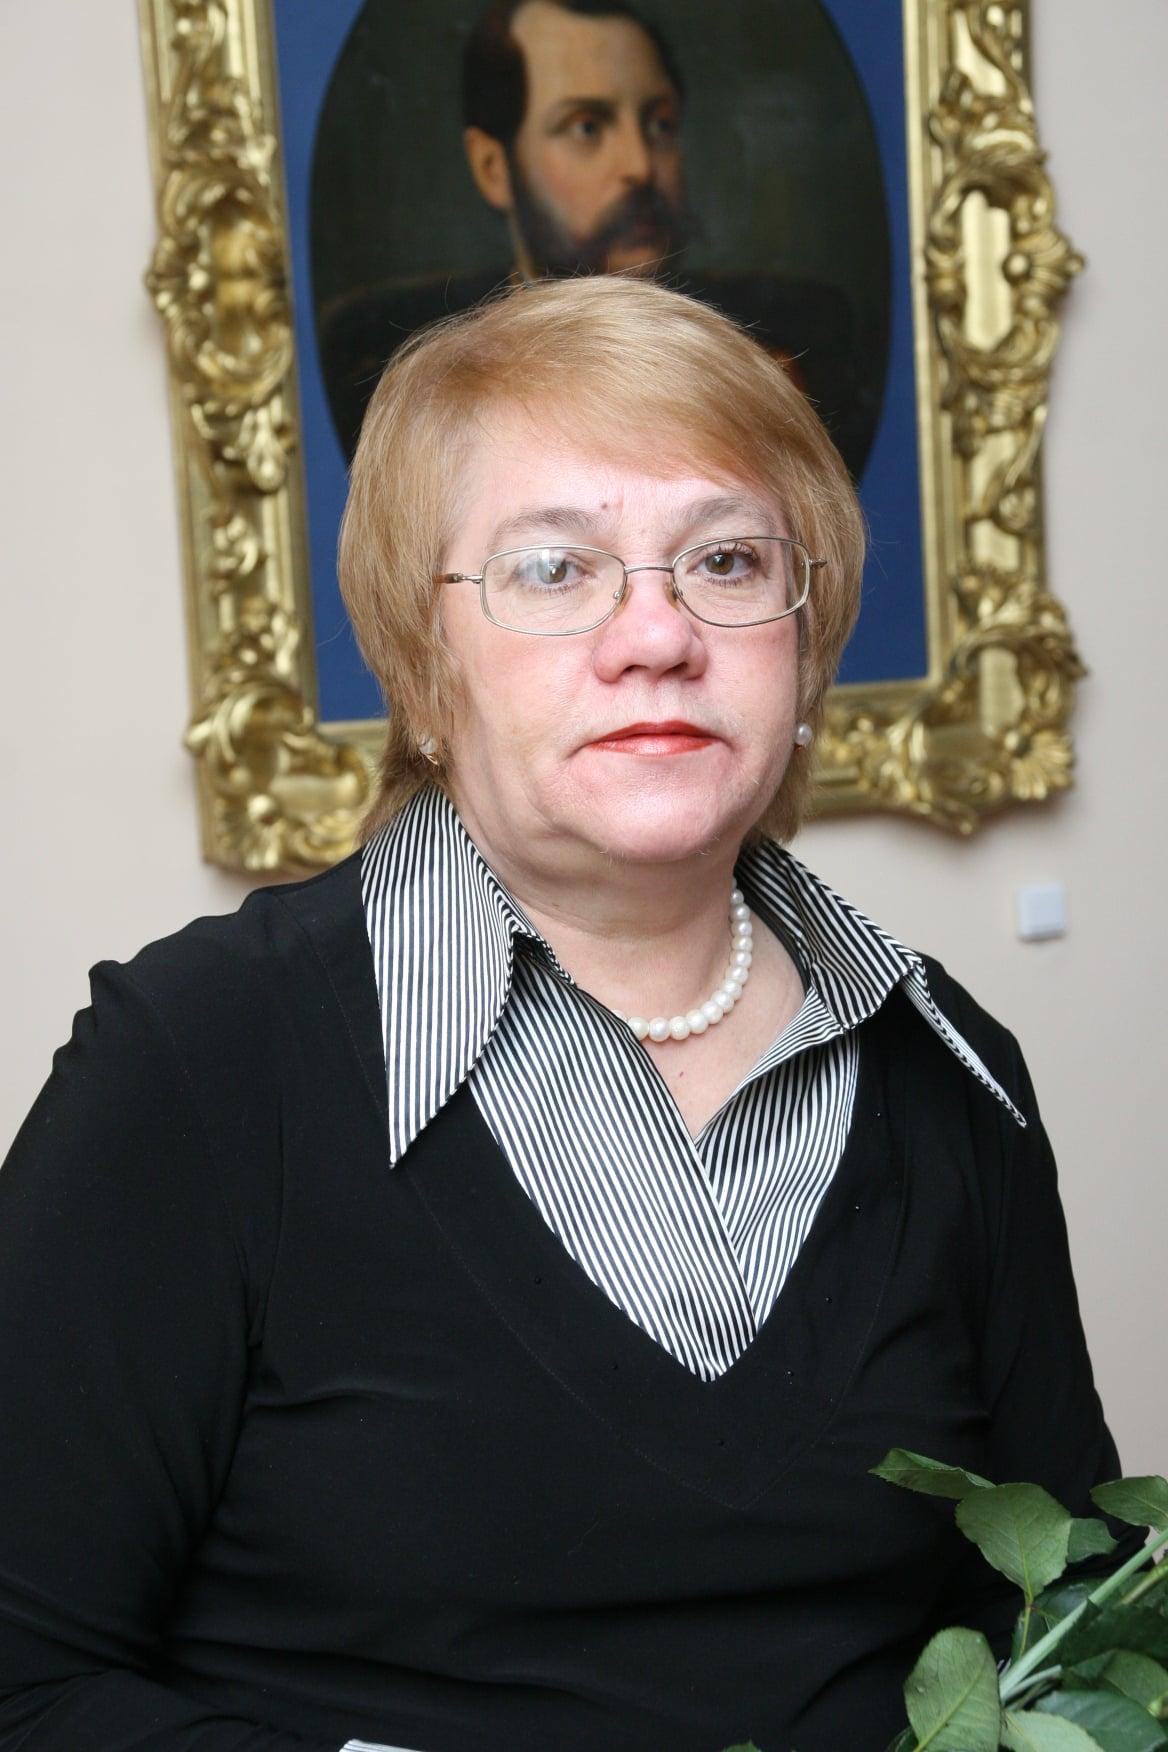 Сегодня День Рождения отмечает директор нашего музея - Сединко Светлана Алексеевна!